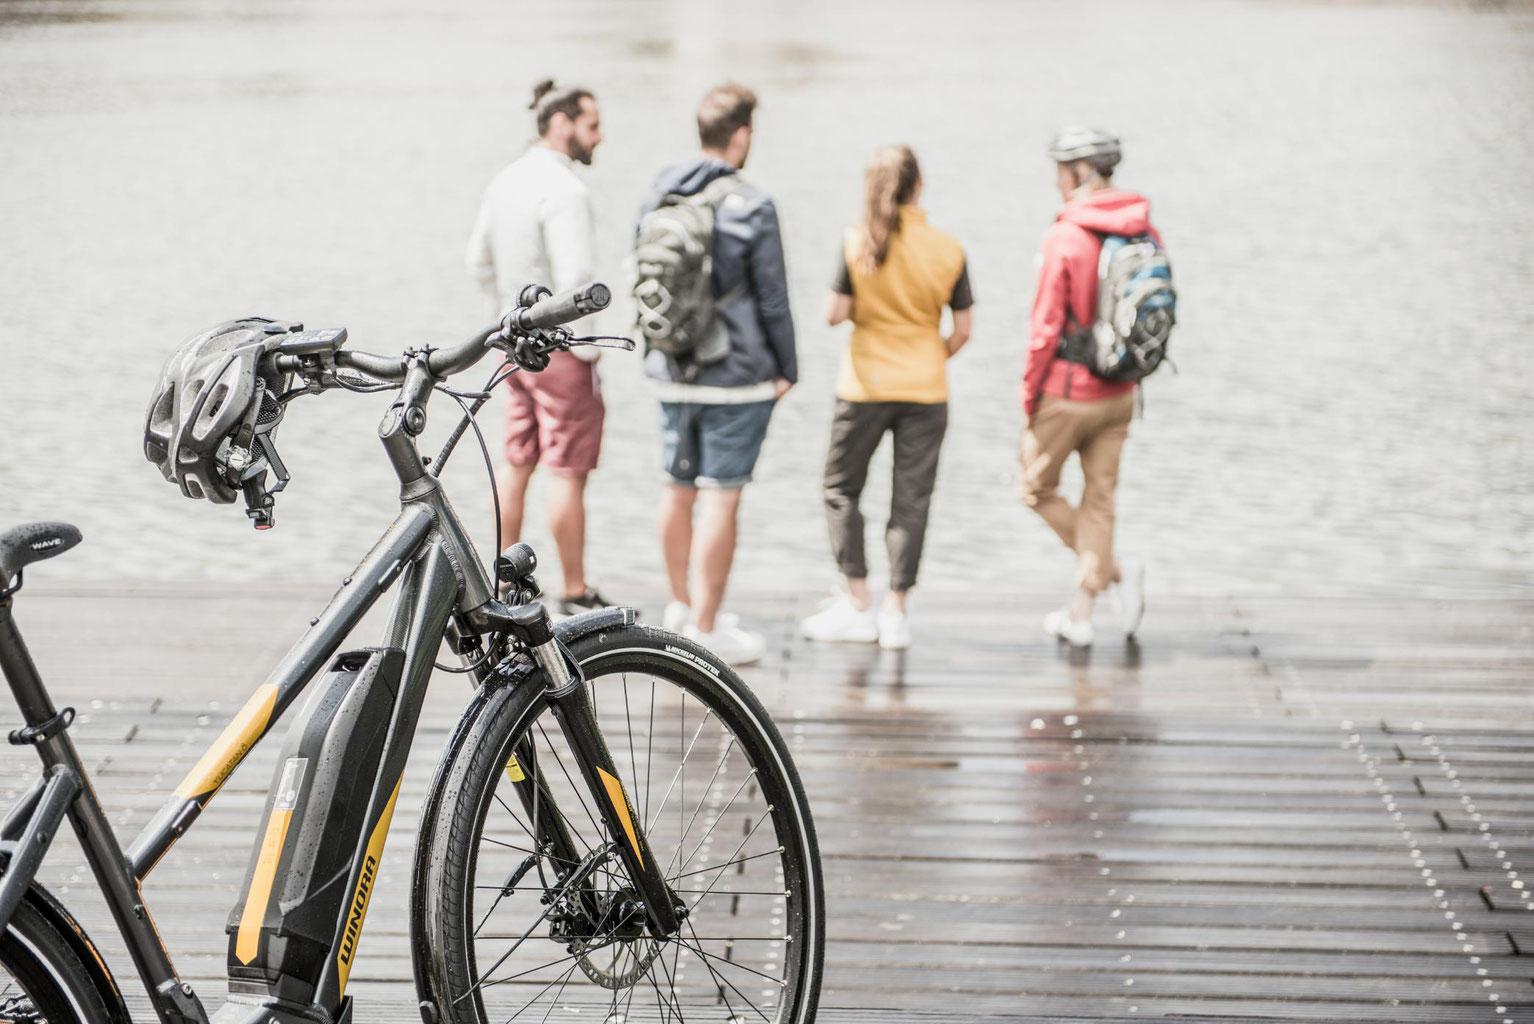 c6fb607b04c3e1 0-finanzierung-in-hamm-holen-sie-sich-ihr-wunsch-e-bike.jpg